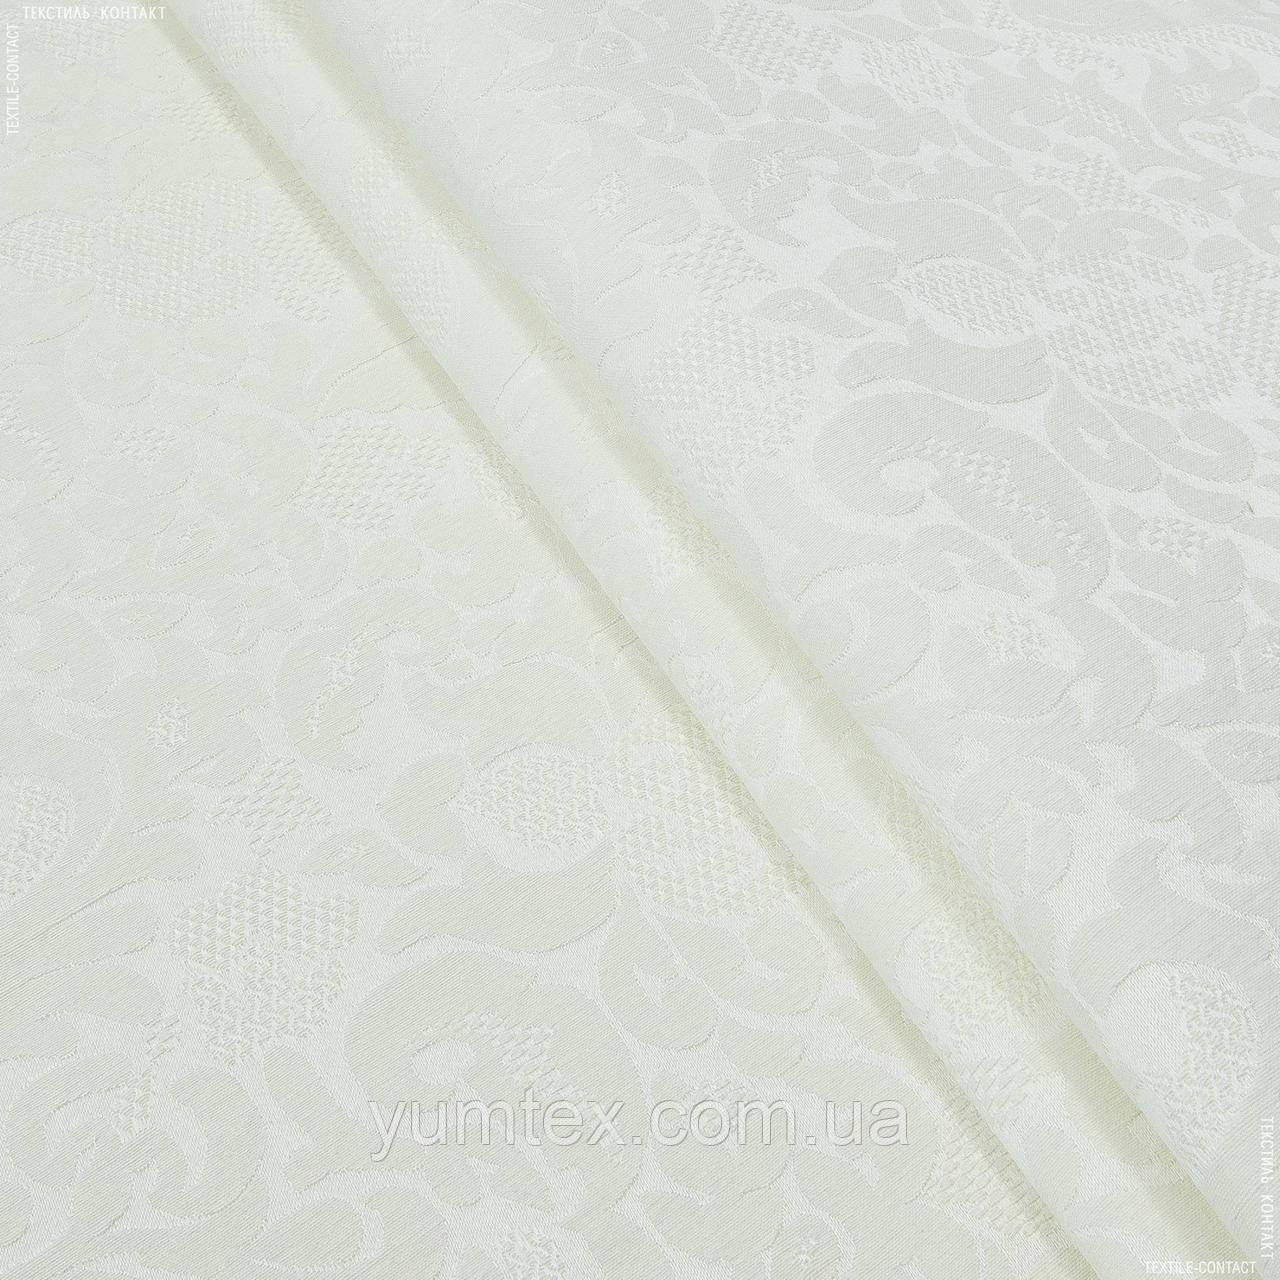 Декоративна тканина рапсодія / крем 137643